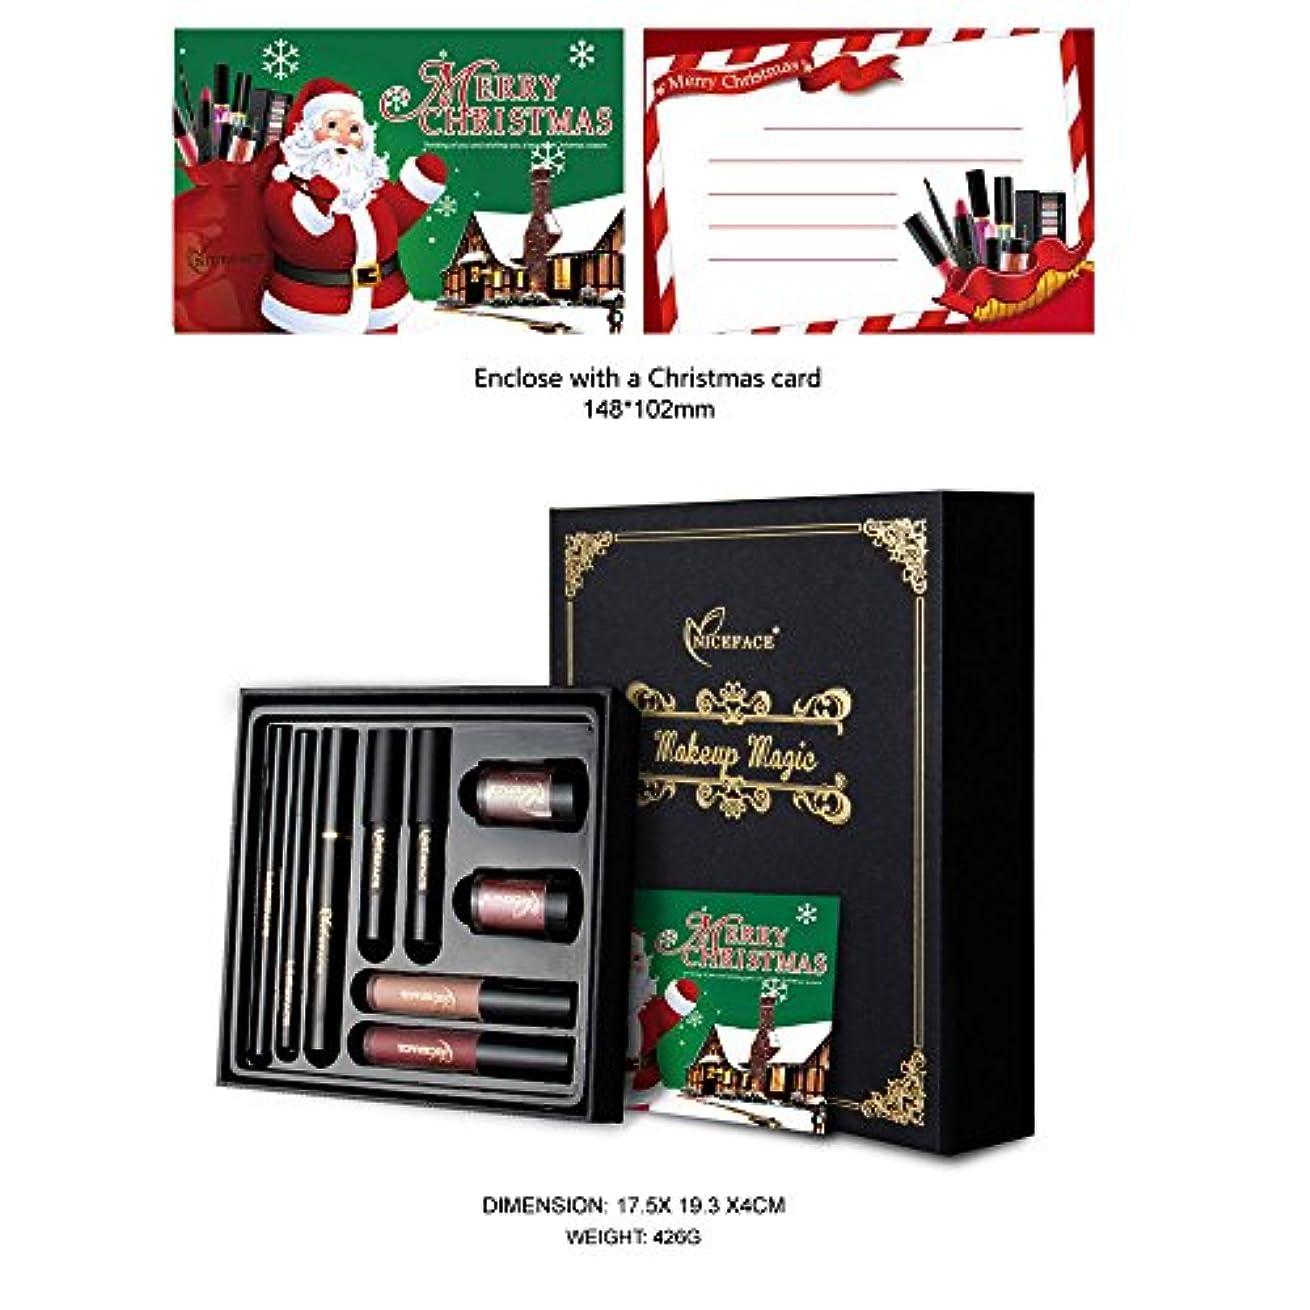 首尾一貫した不正確重なるクリスマスメイクキットギフトセットアイシャドウパウダーリップグロスアイラッシュリップスティックキット